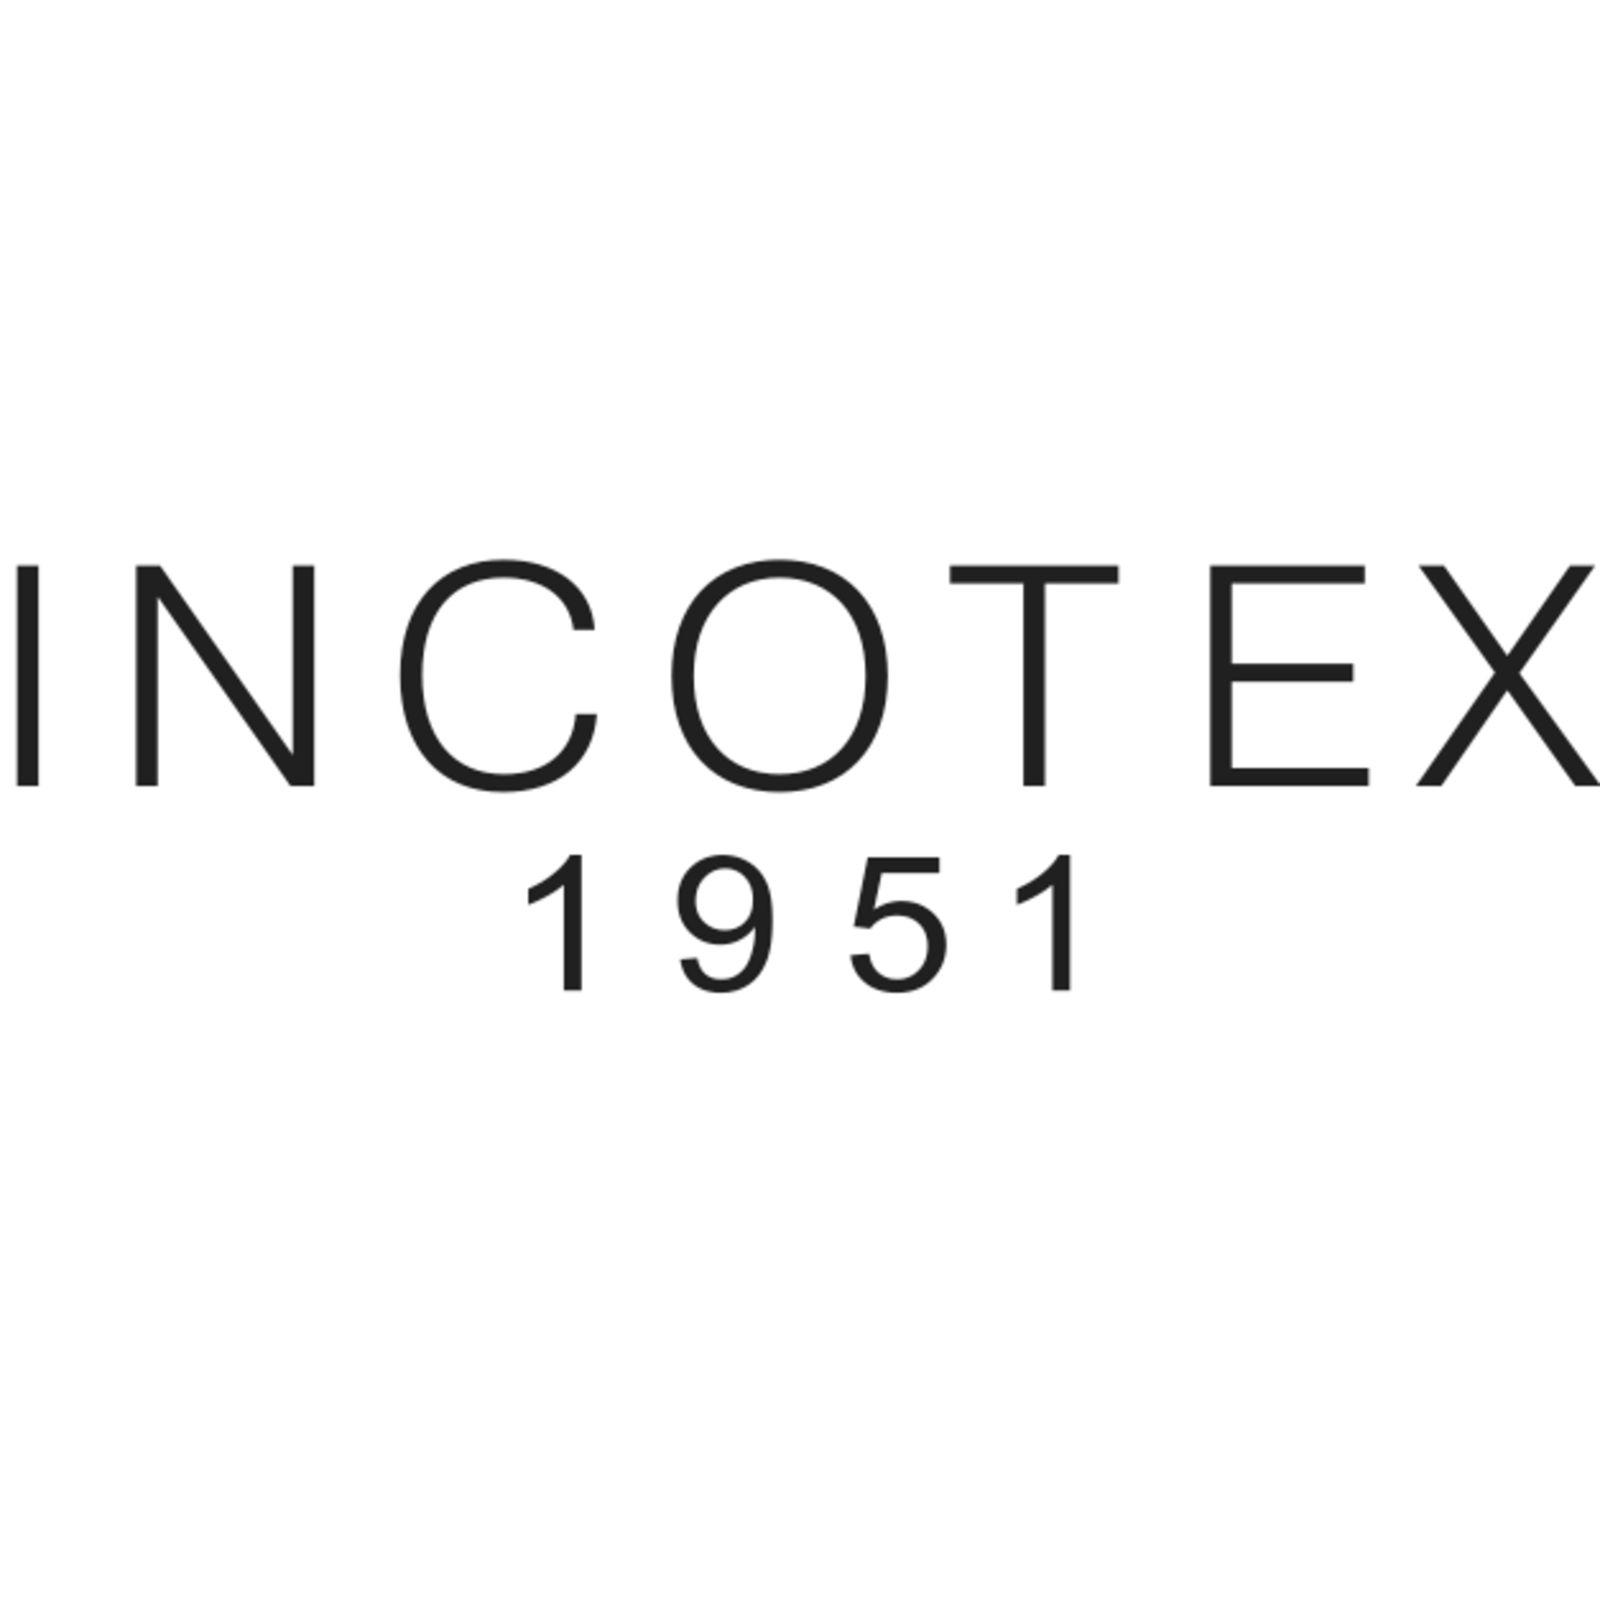 INCOTEX (Bild 1)